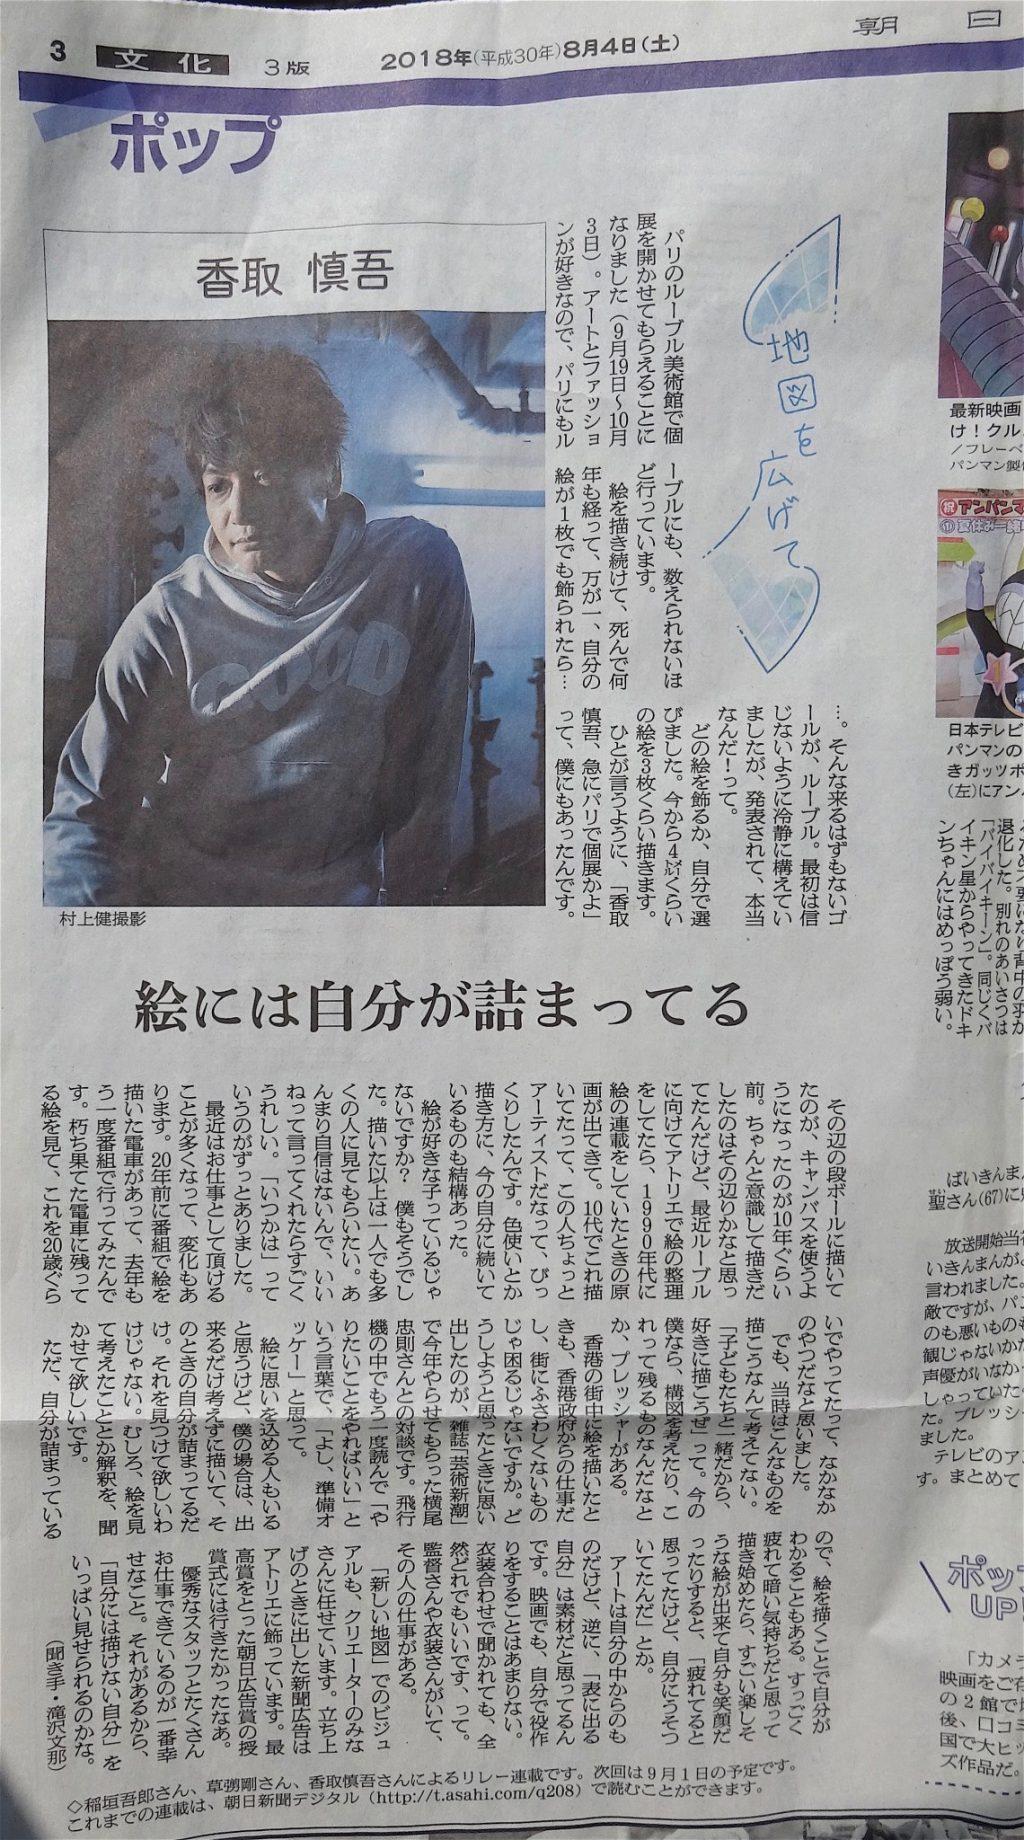 香取慎吾 朝日新聞夕刊 2018年8月4日